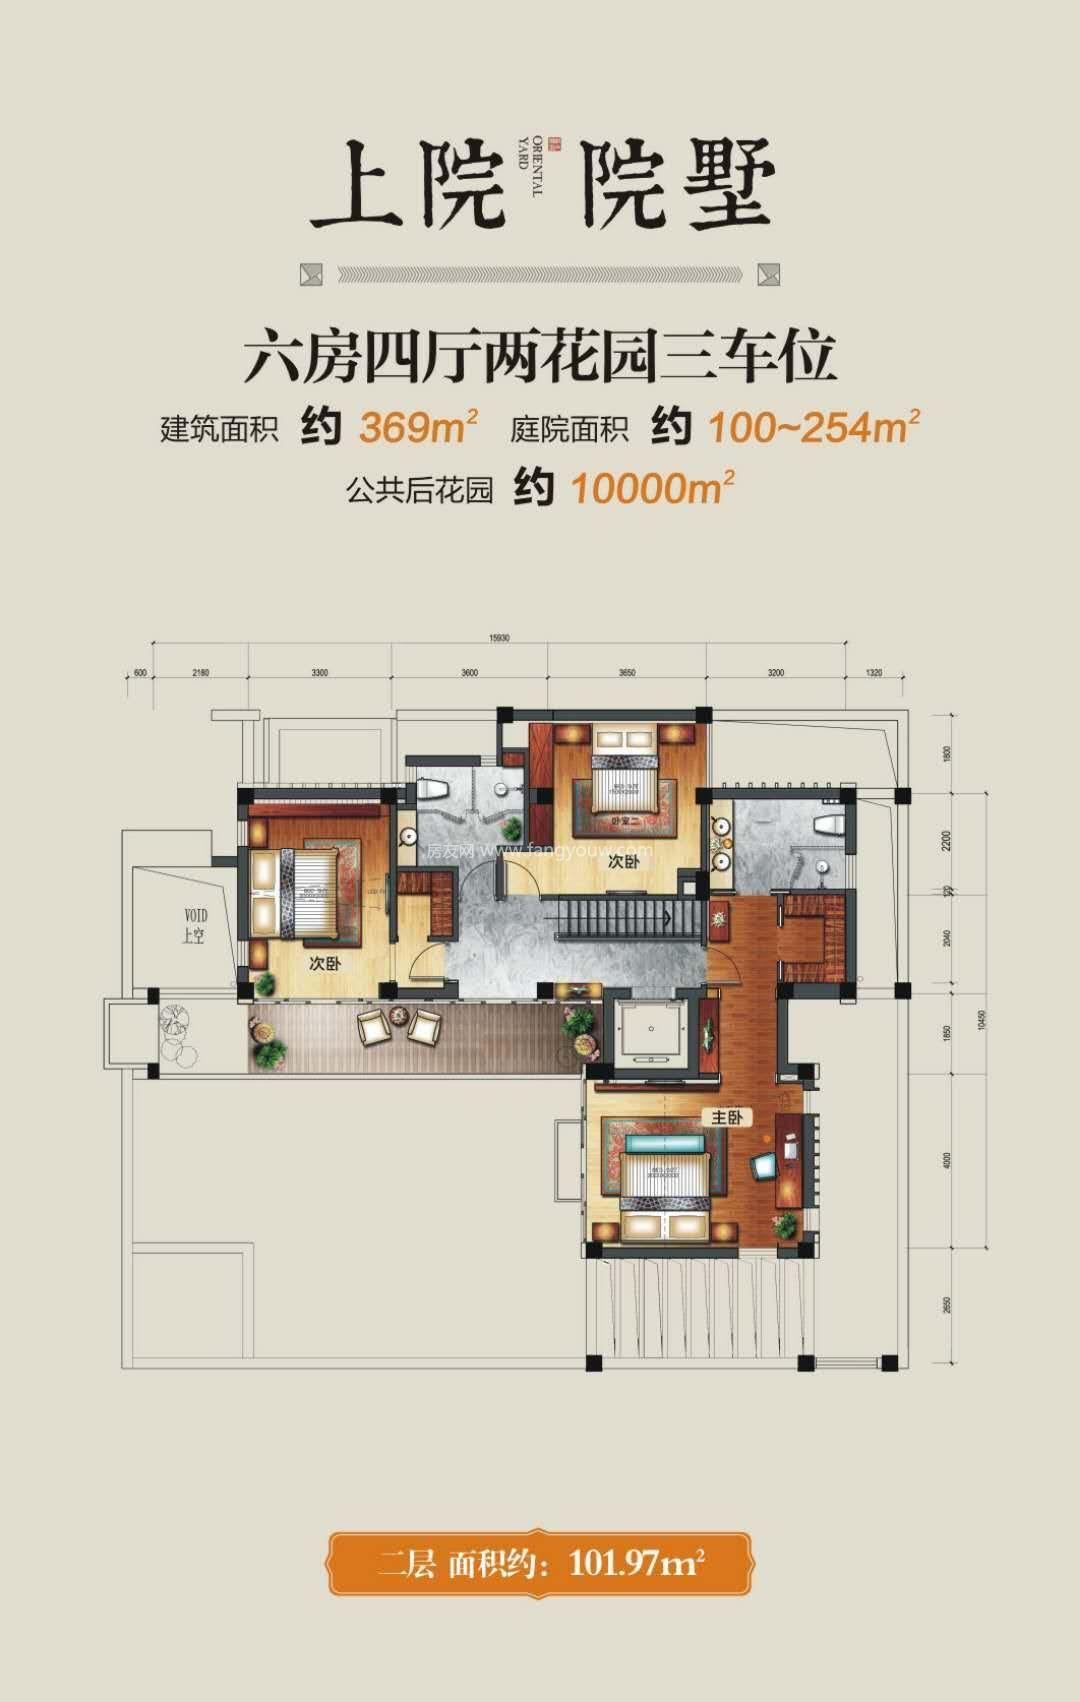 上院别墅二层户型 6房4厅5卫1厨 建面369㎡